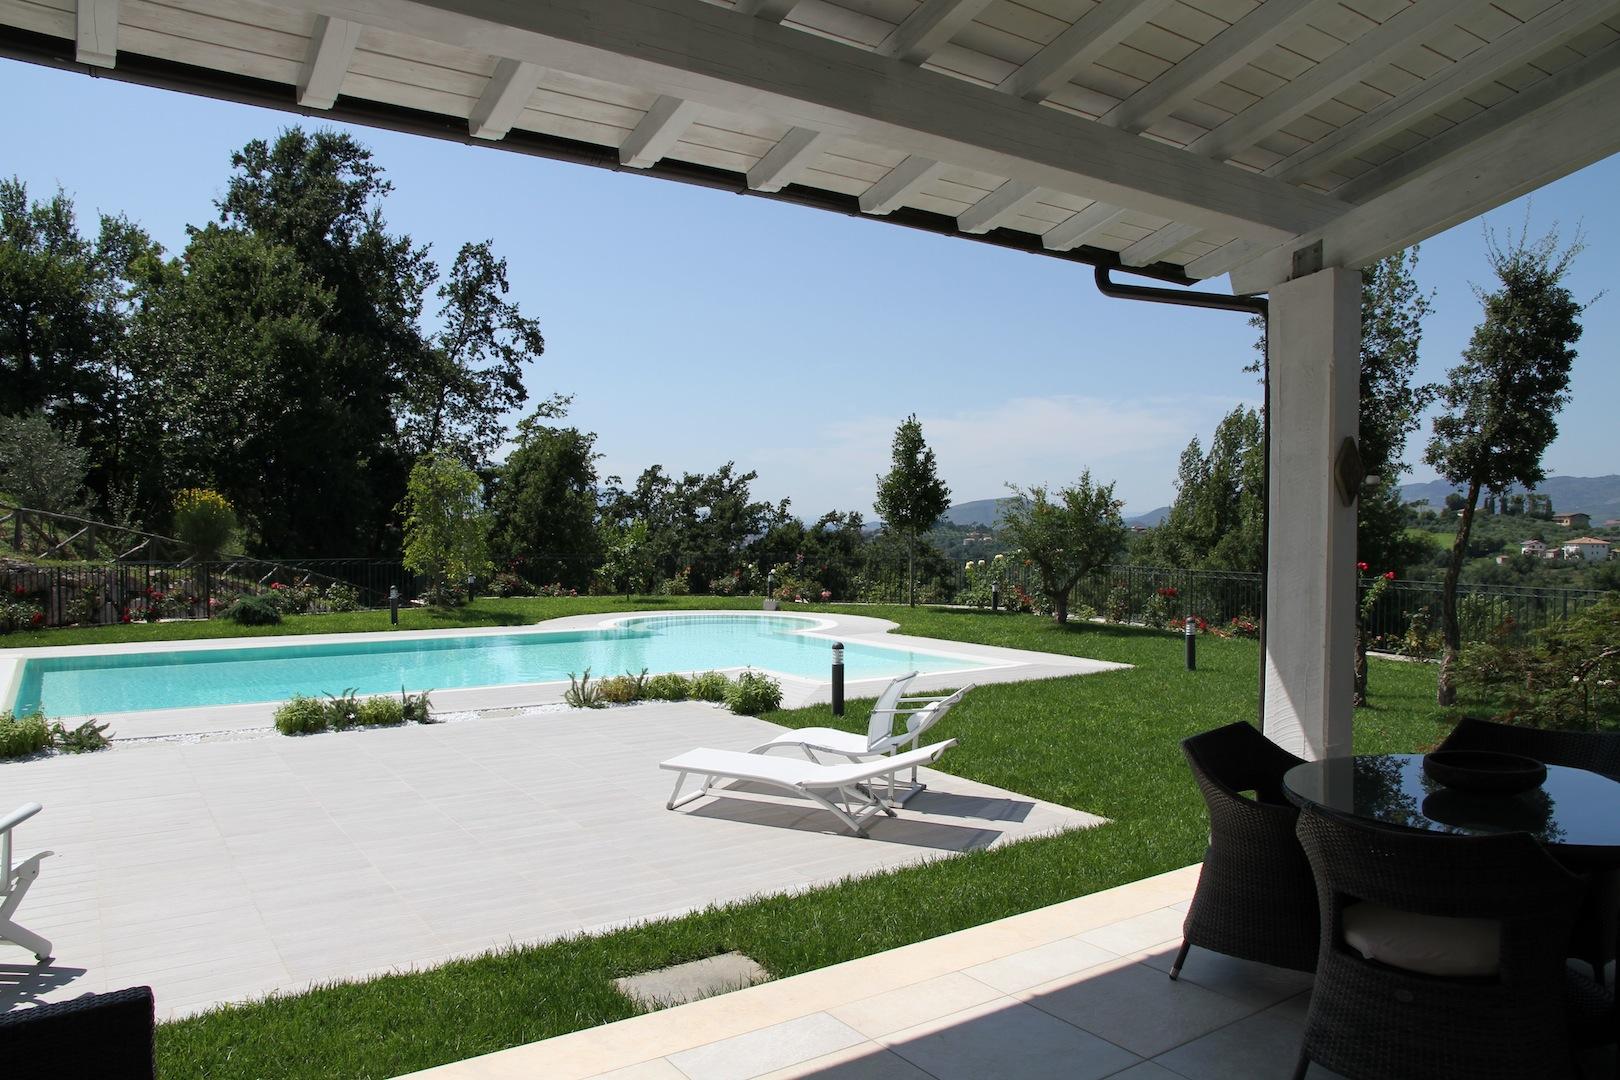 Villa di lusso con piscina a frosinone frosinone lazio italia ville casali vendita - Ville con piscina in vendita ...